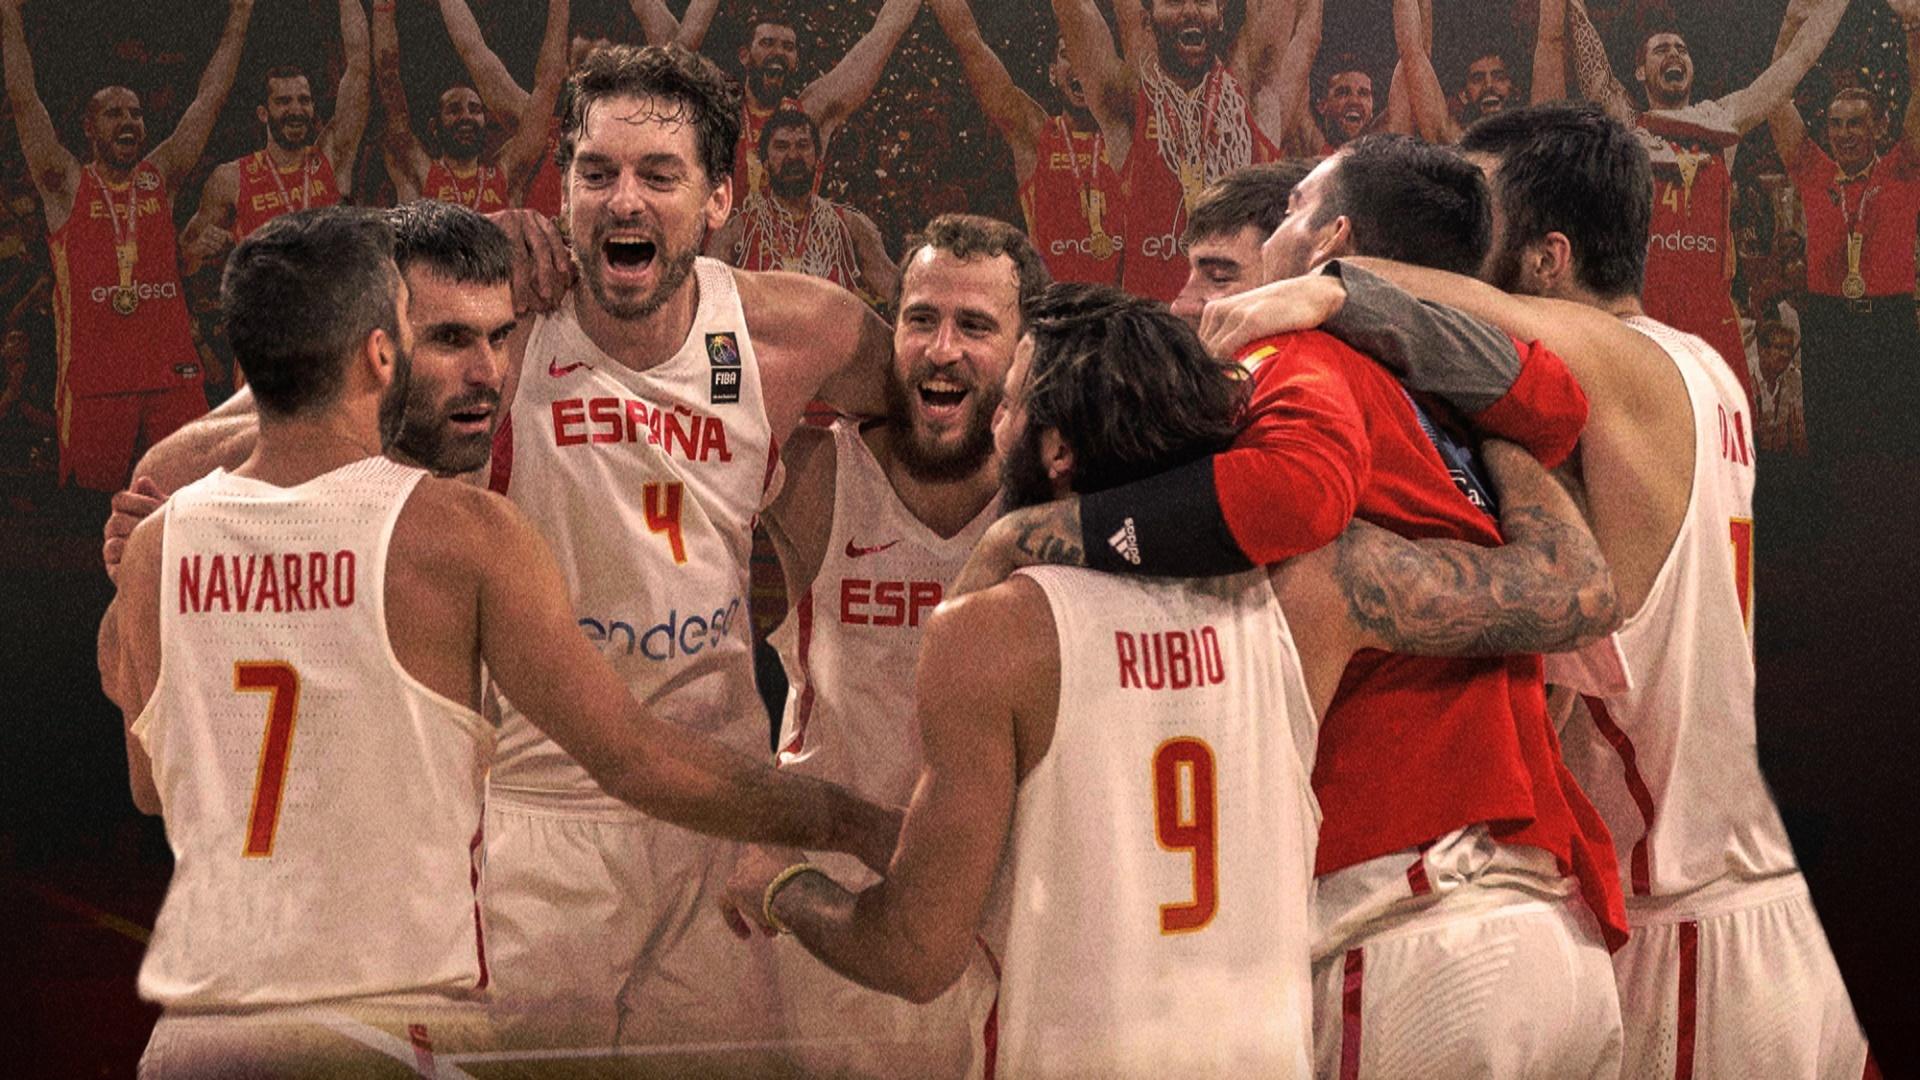 La selección española de baloncesto celebrando uno de sus múltiples triunfos.